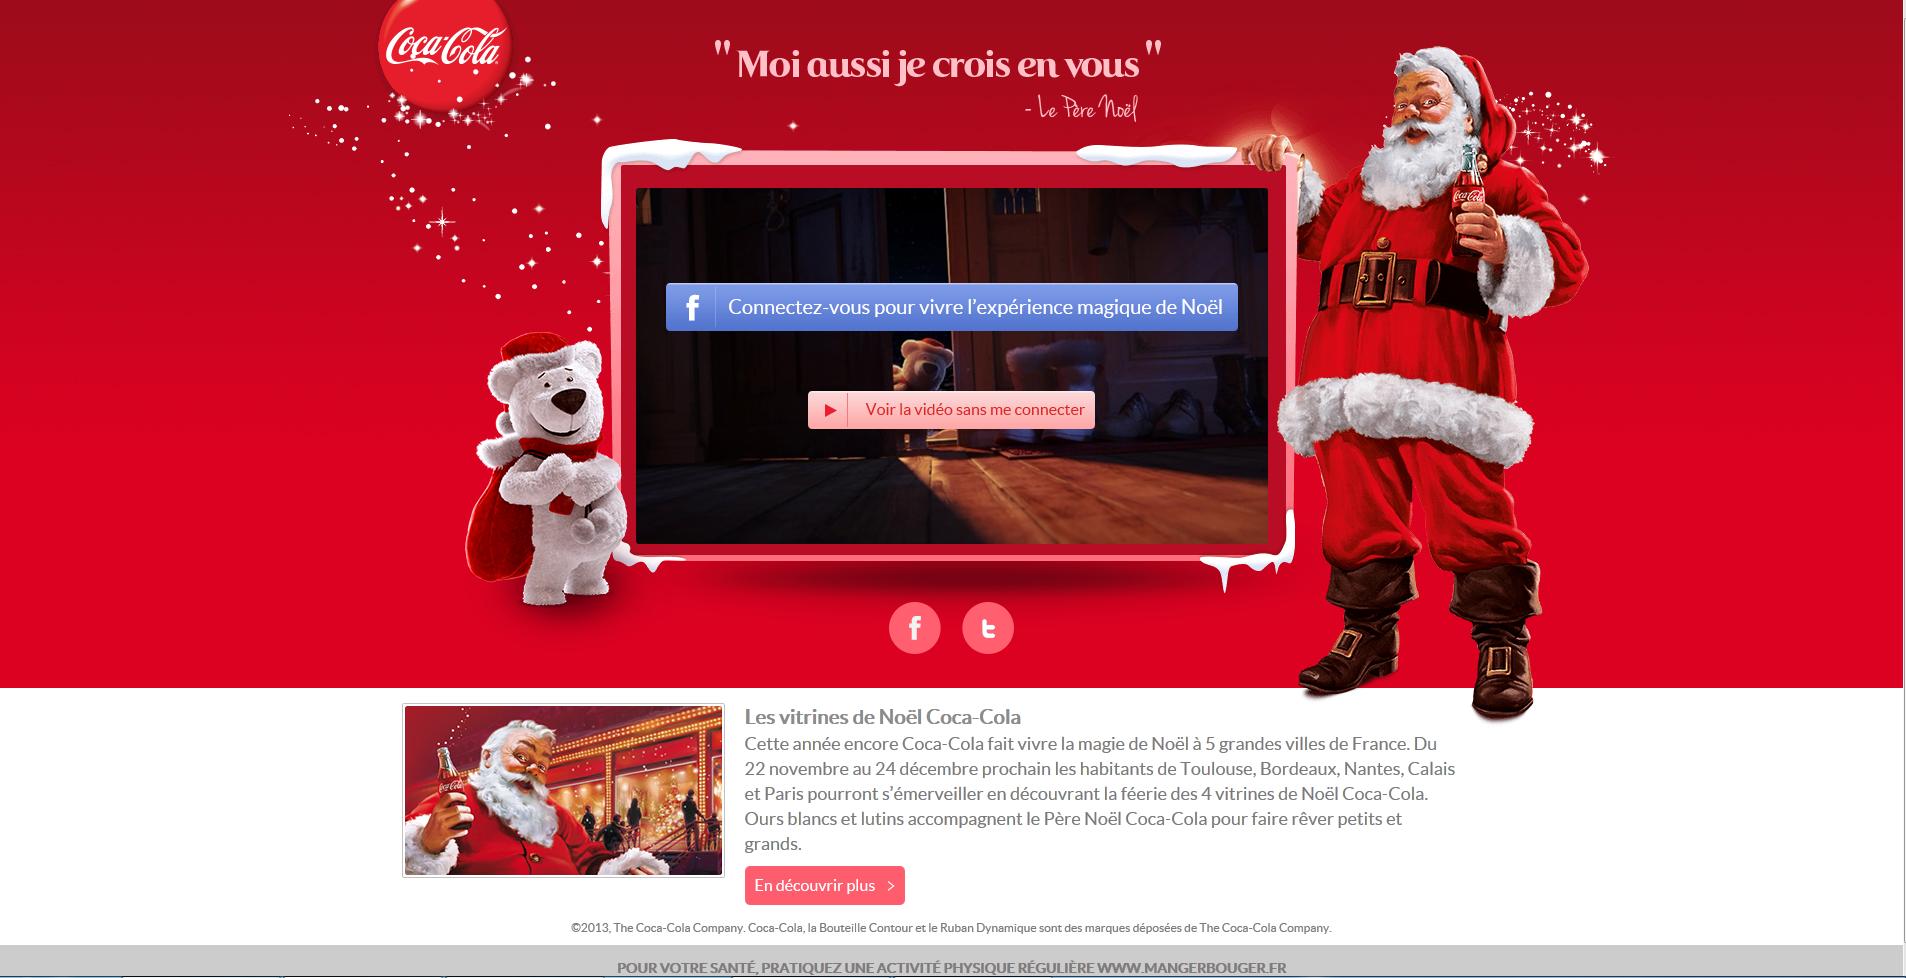 Vitrines de Noël Coca-Cola - Pierre Legeay